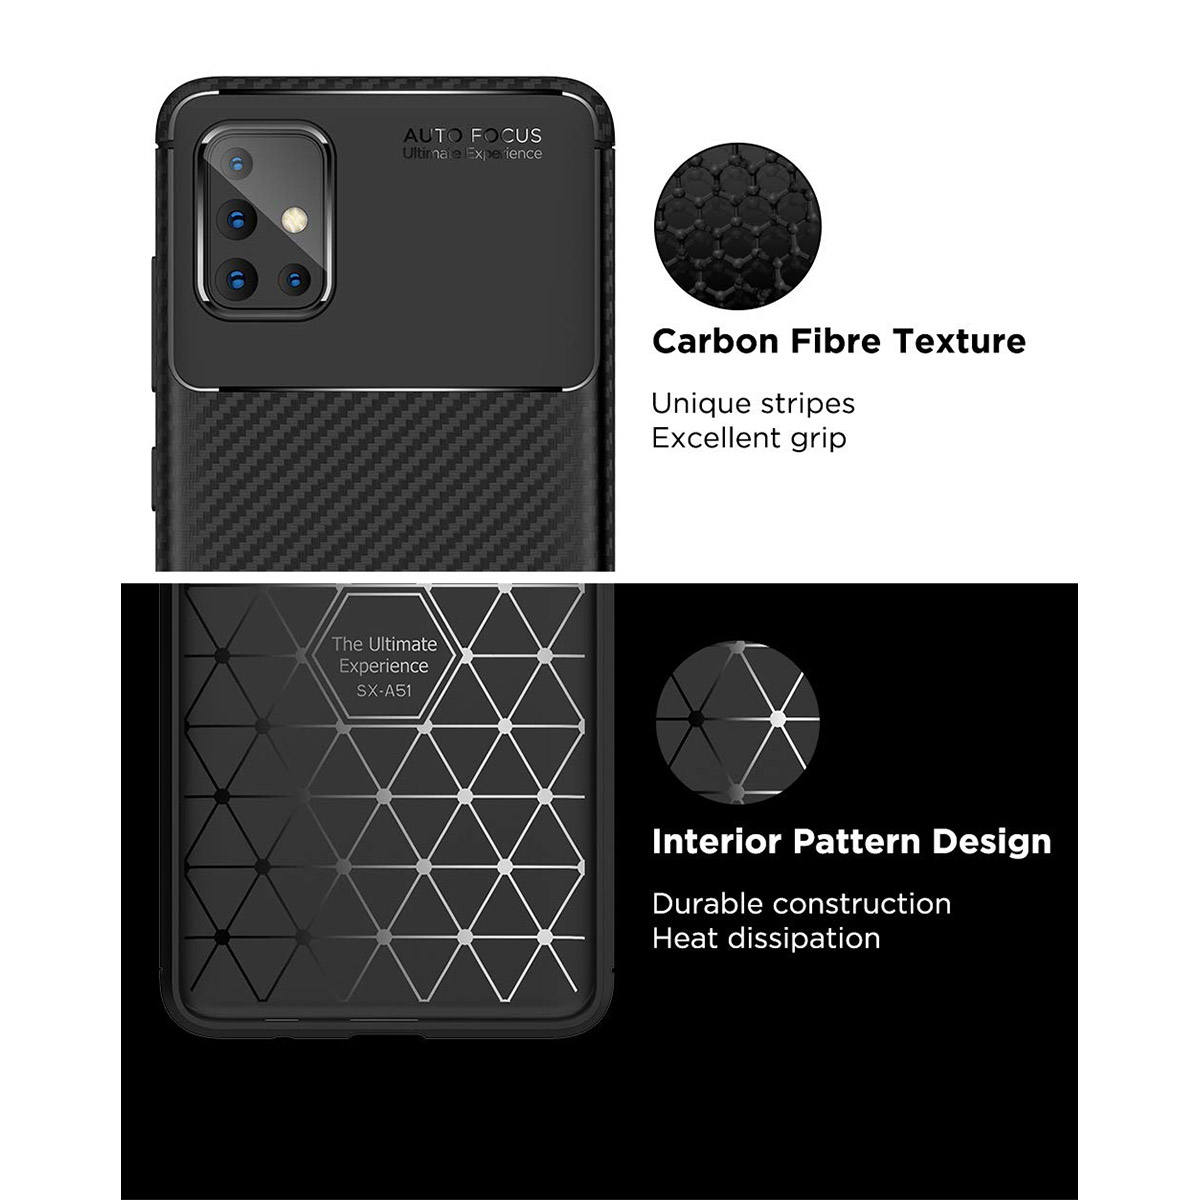 کاور لاین کینگ مدل A21 مناسب برای گوشی موبایل سامسونگ Galaxy A71 thumb 2 21